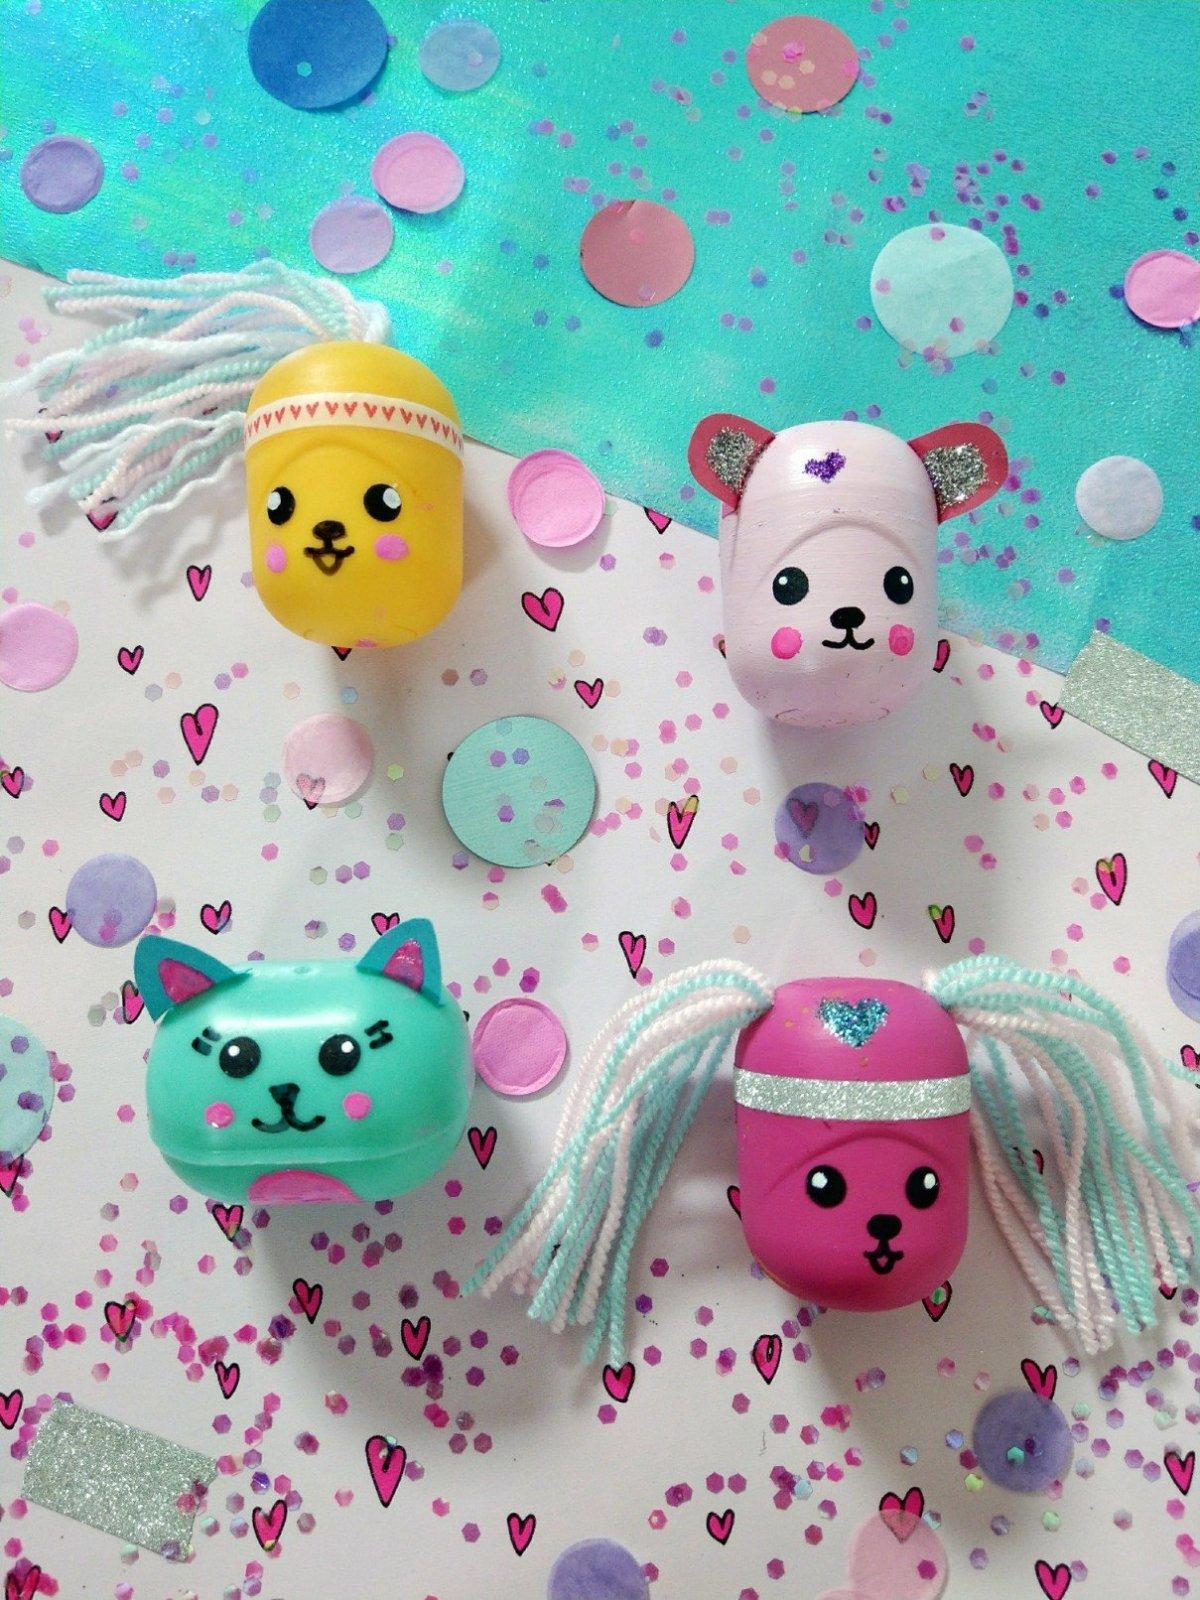 Hier zeige ich euch eine lustige Überraschungsei Bastelidee. Mit ein wenig Farbe lassen sich süße Verpackungen gestalten, in die man kleine Geschenke, Liebesbotschaften oder Schulbedarf wie Büroklammern stecken kann. DIY Schritt für Schritt Anleitung.